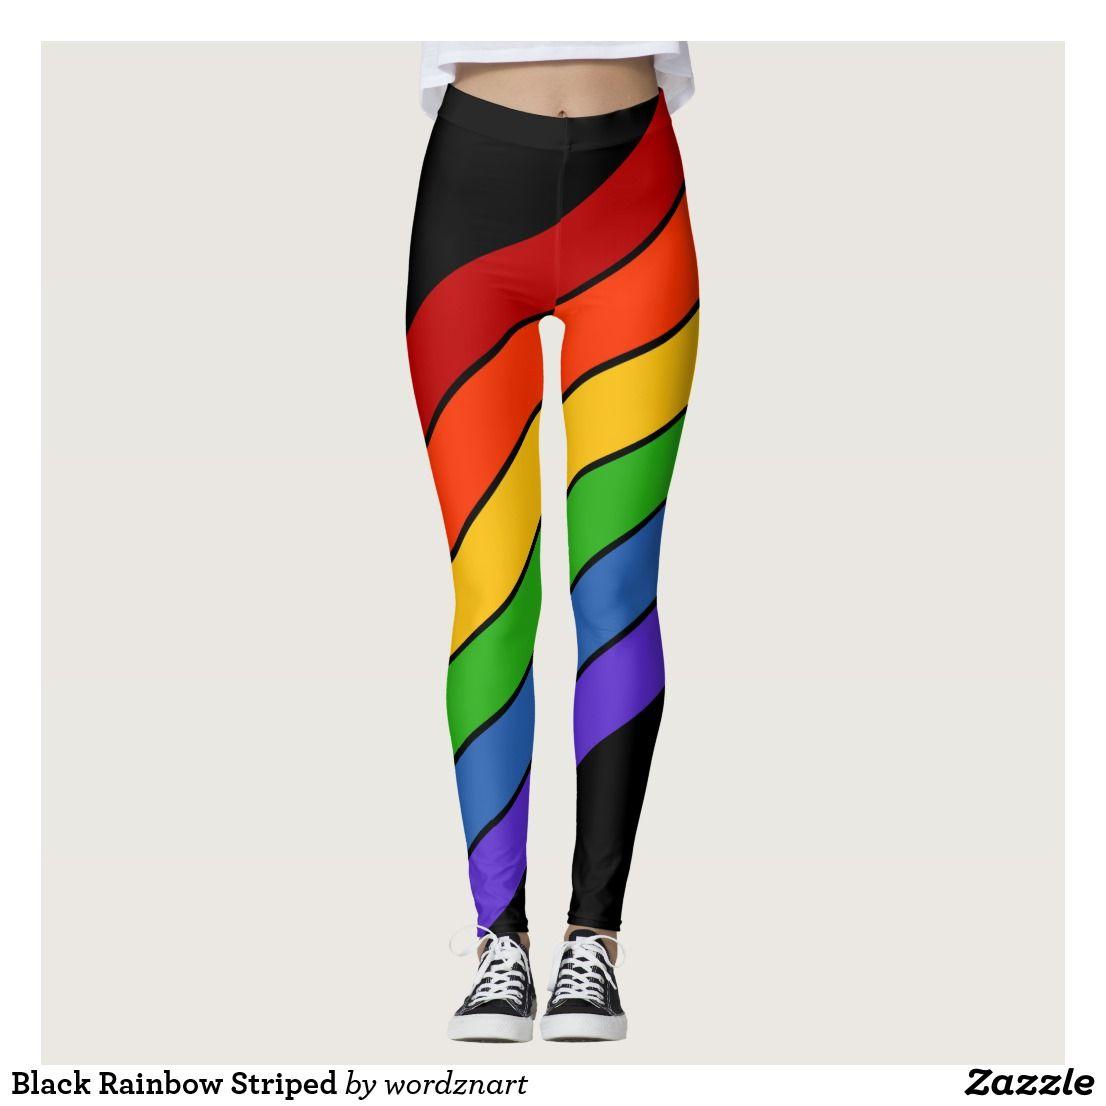 ebe5286f30d76 Black Rainbow Striped Leggings | Zazzle.com in 2019 | lgbt | pride ...